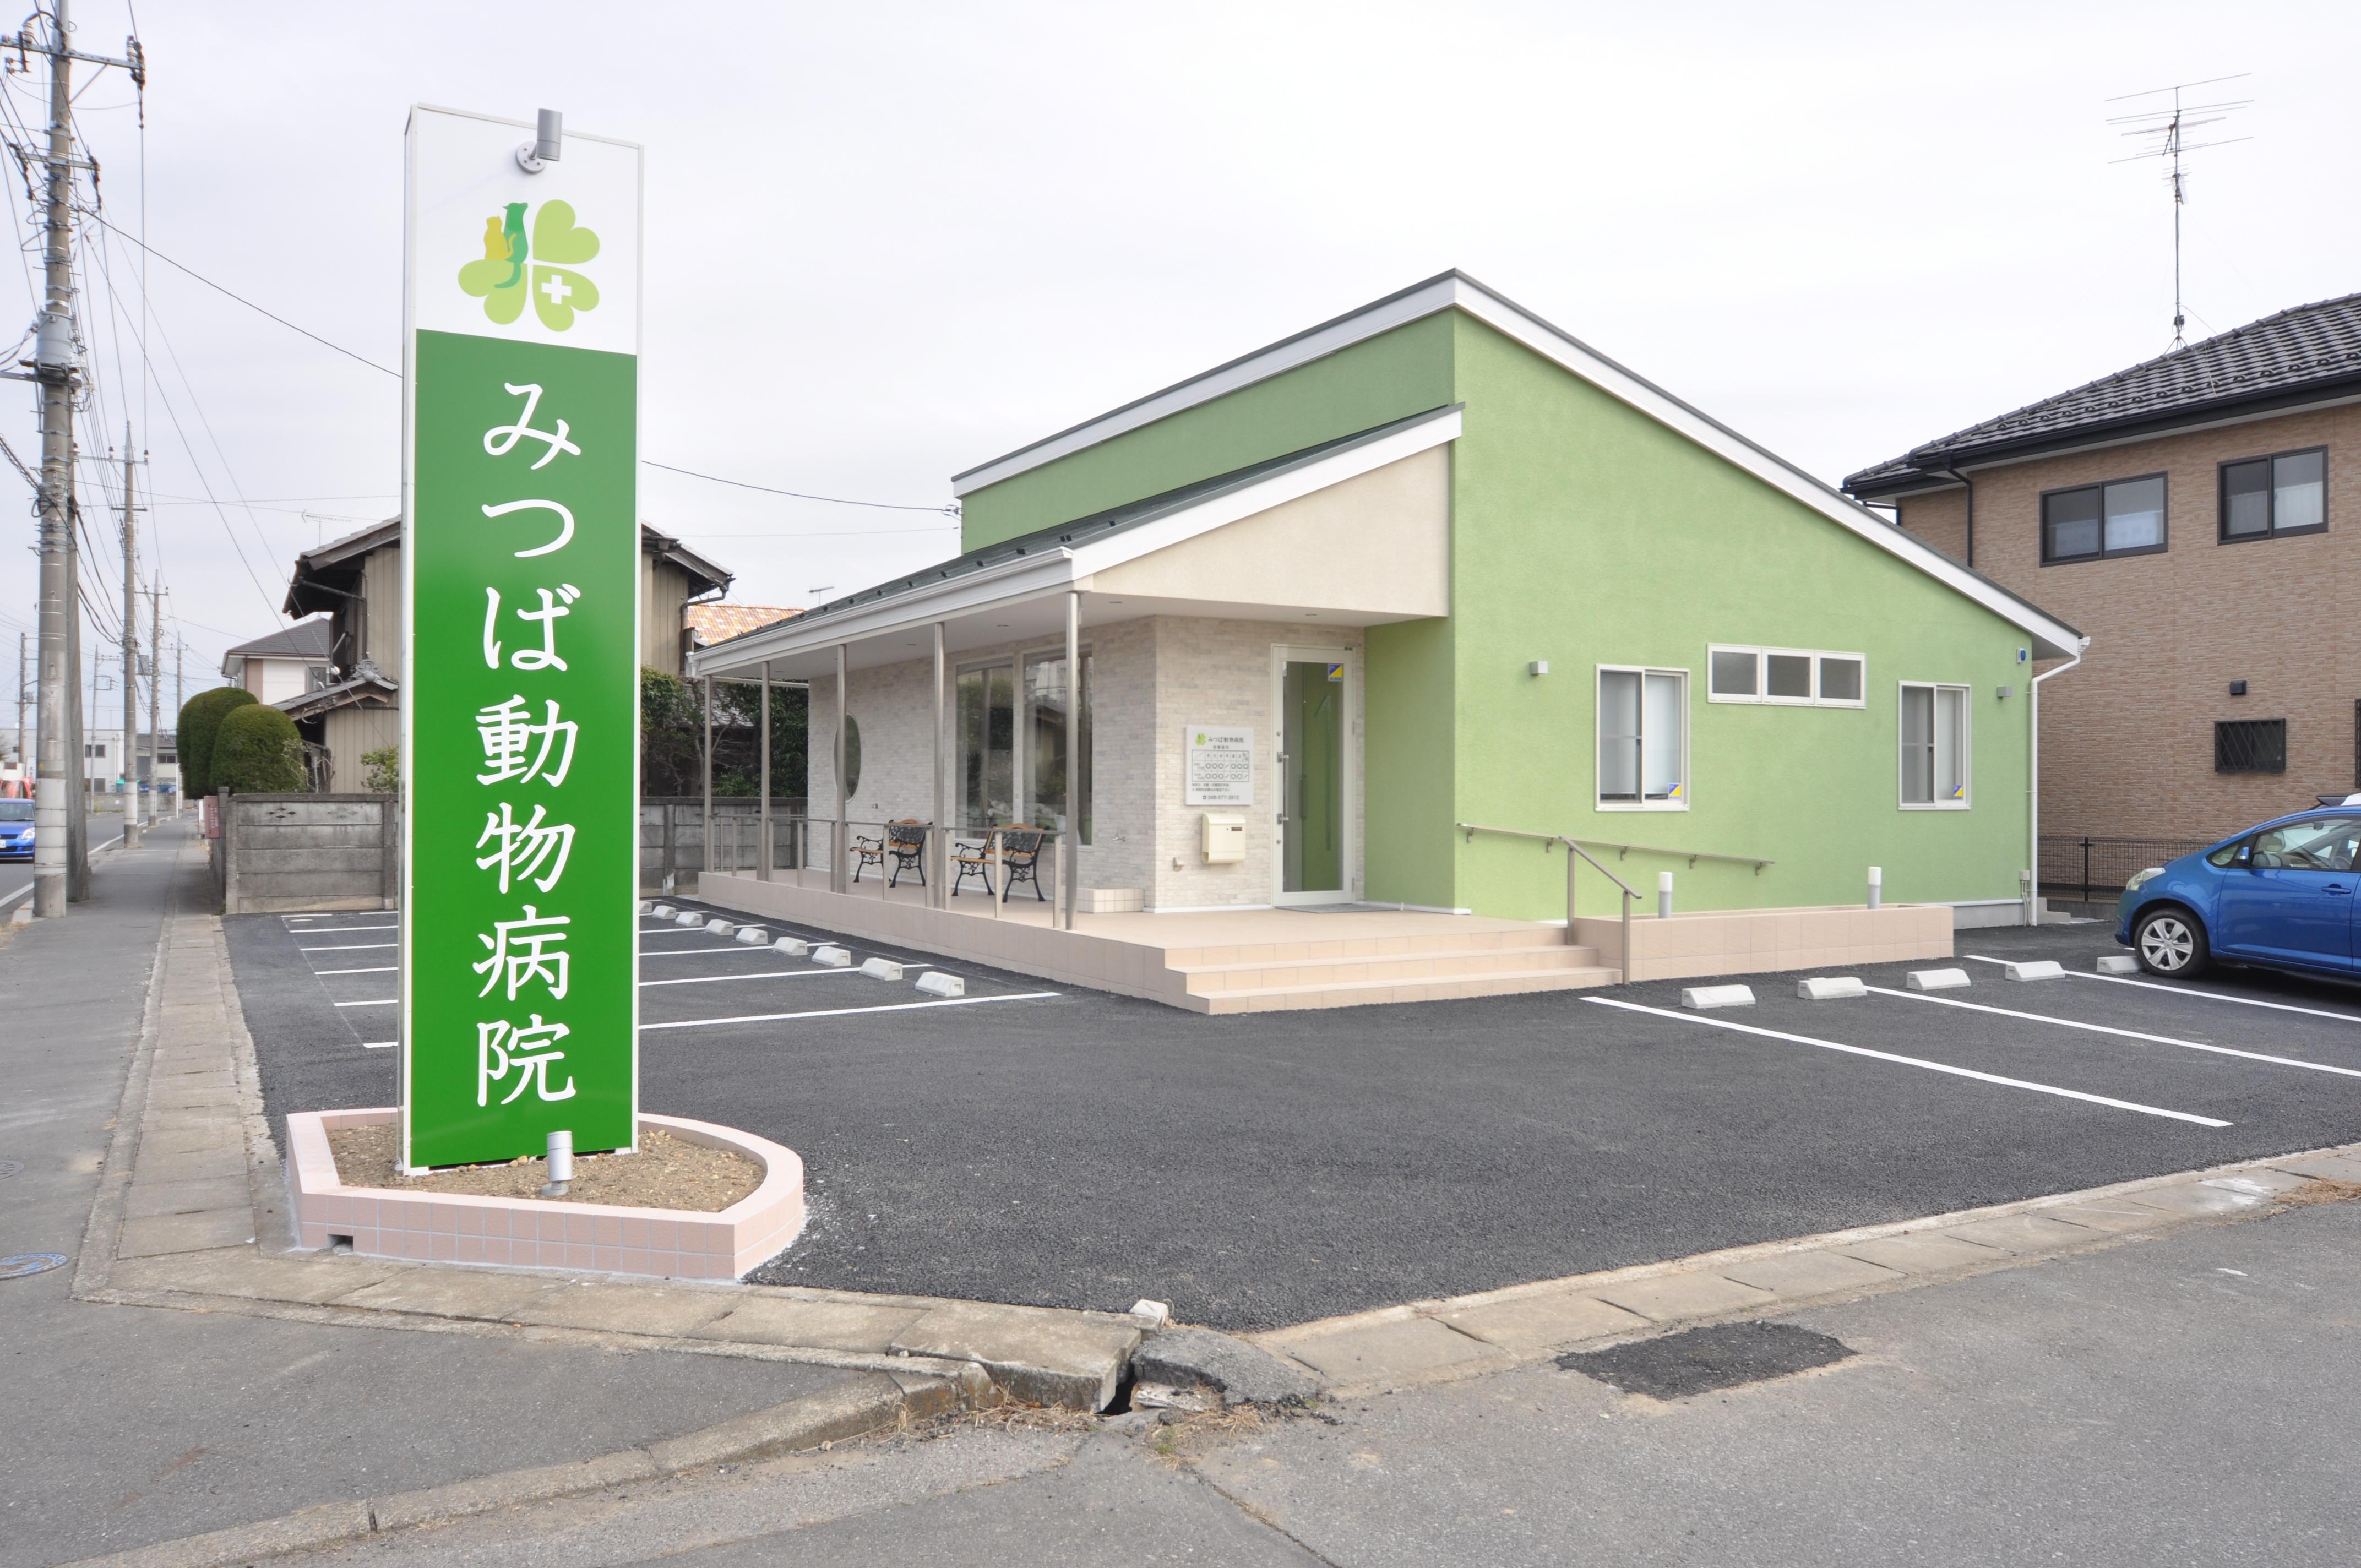 羽生市の動物病院、獣医師を募集